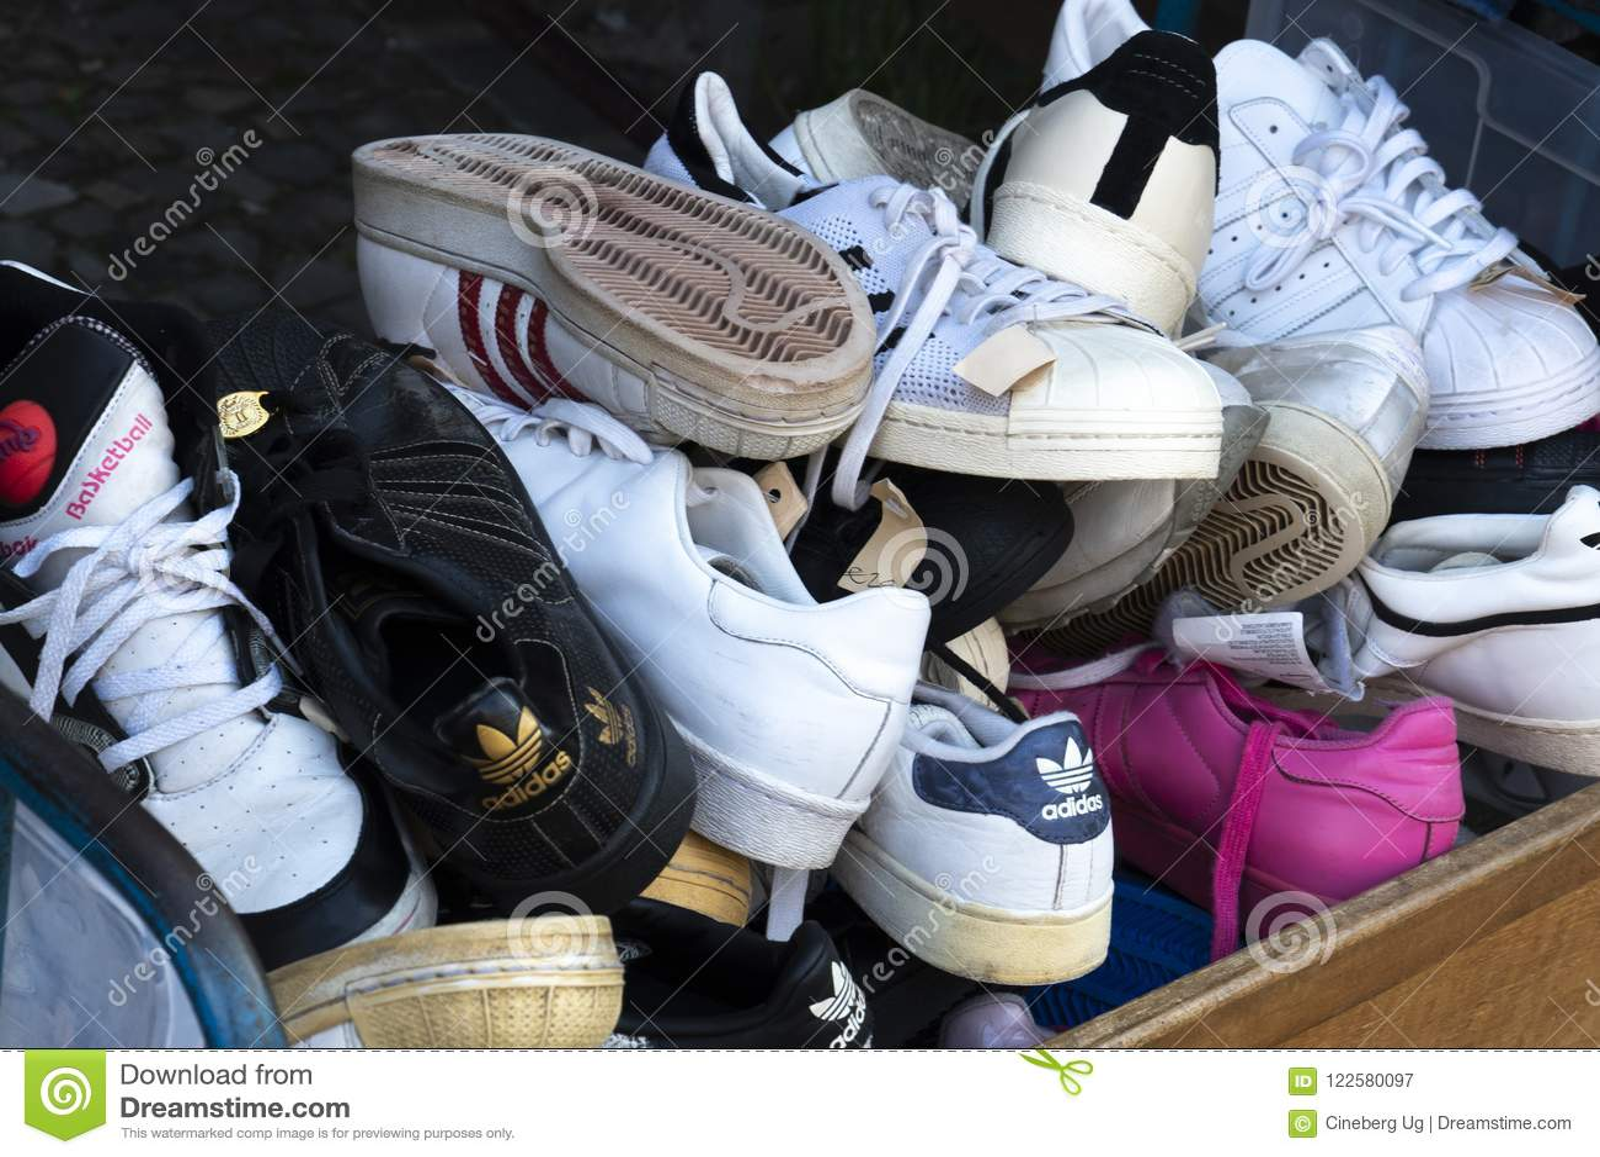 Zapatos Fotografía De La Imagen Mano Manera Segunda Editorial FFnrA8